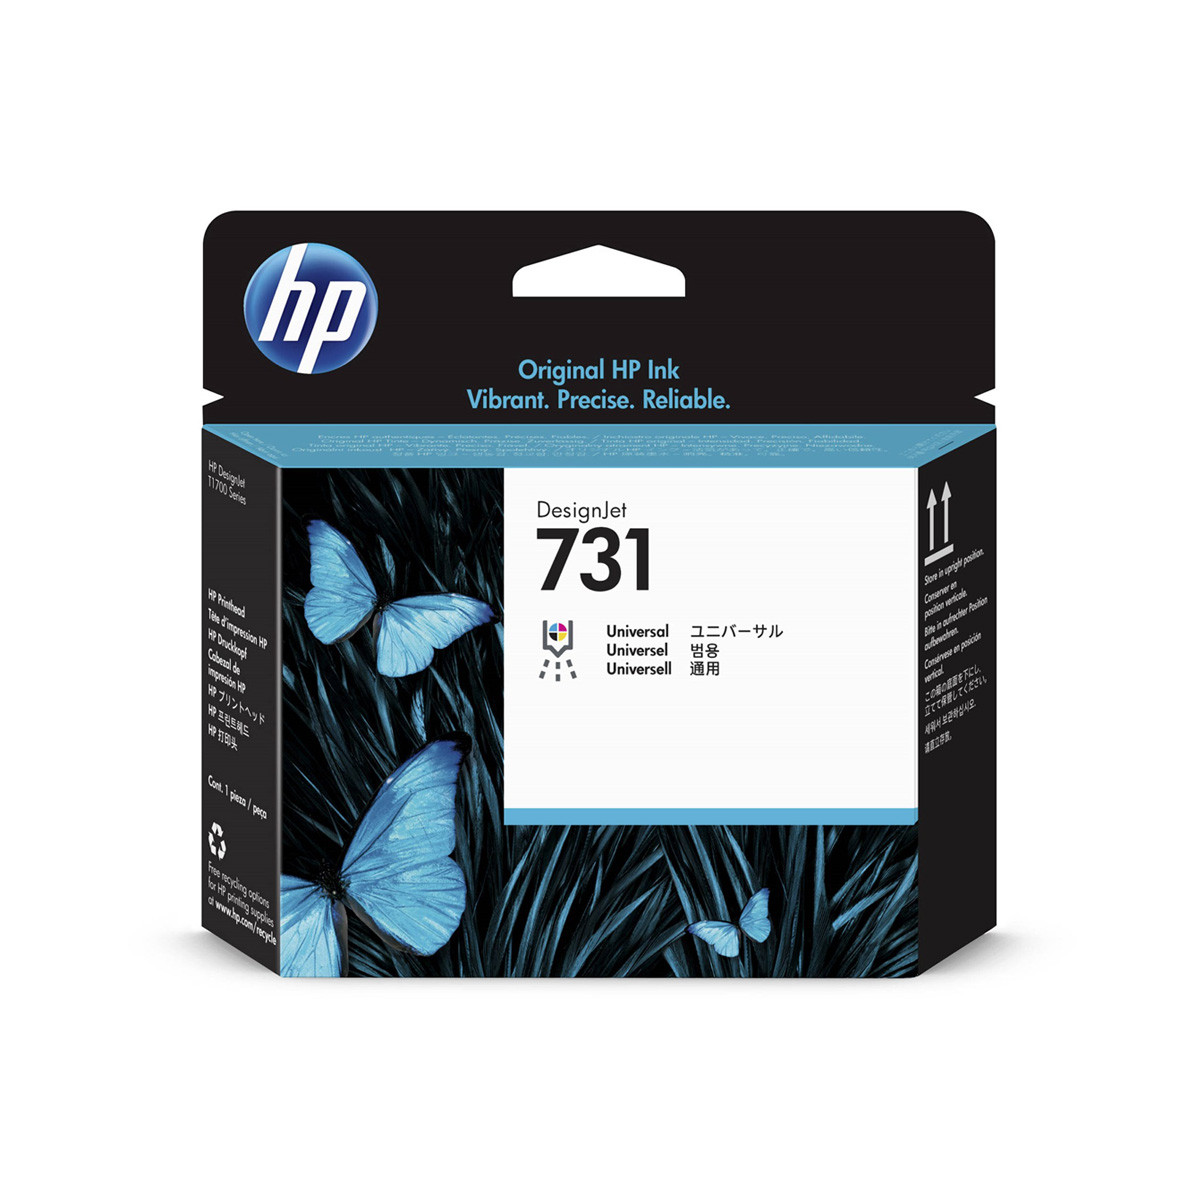 Cabeça de Impressão HP 731 P2V27A Universal | T1700 T1700DR | Original